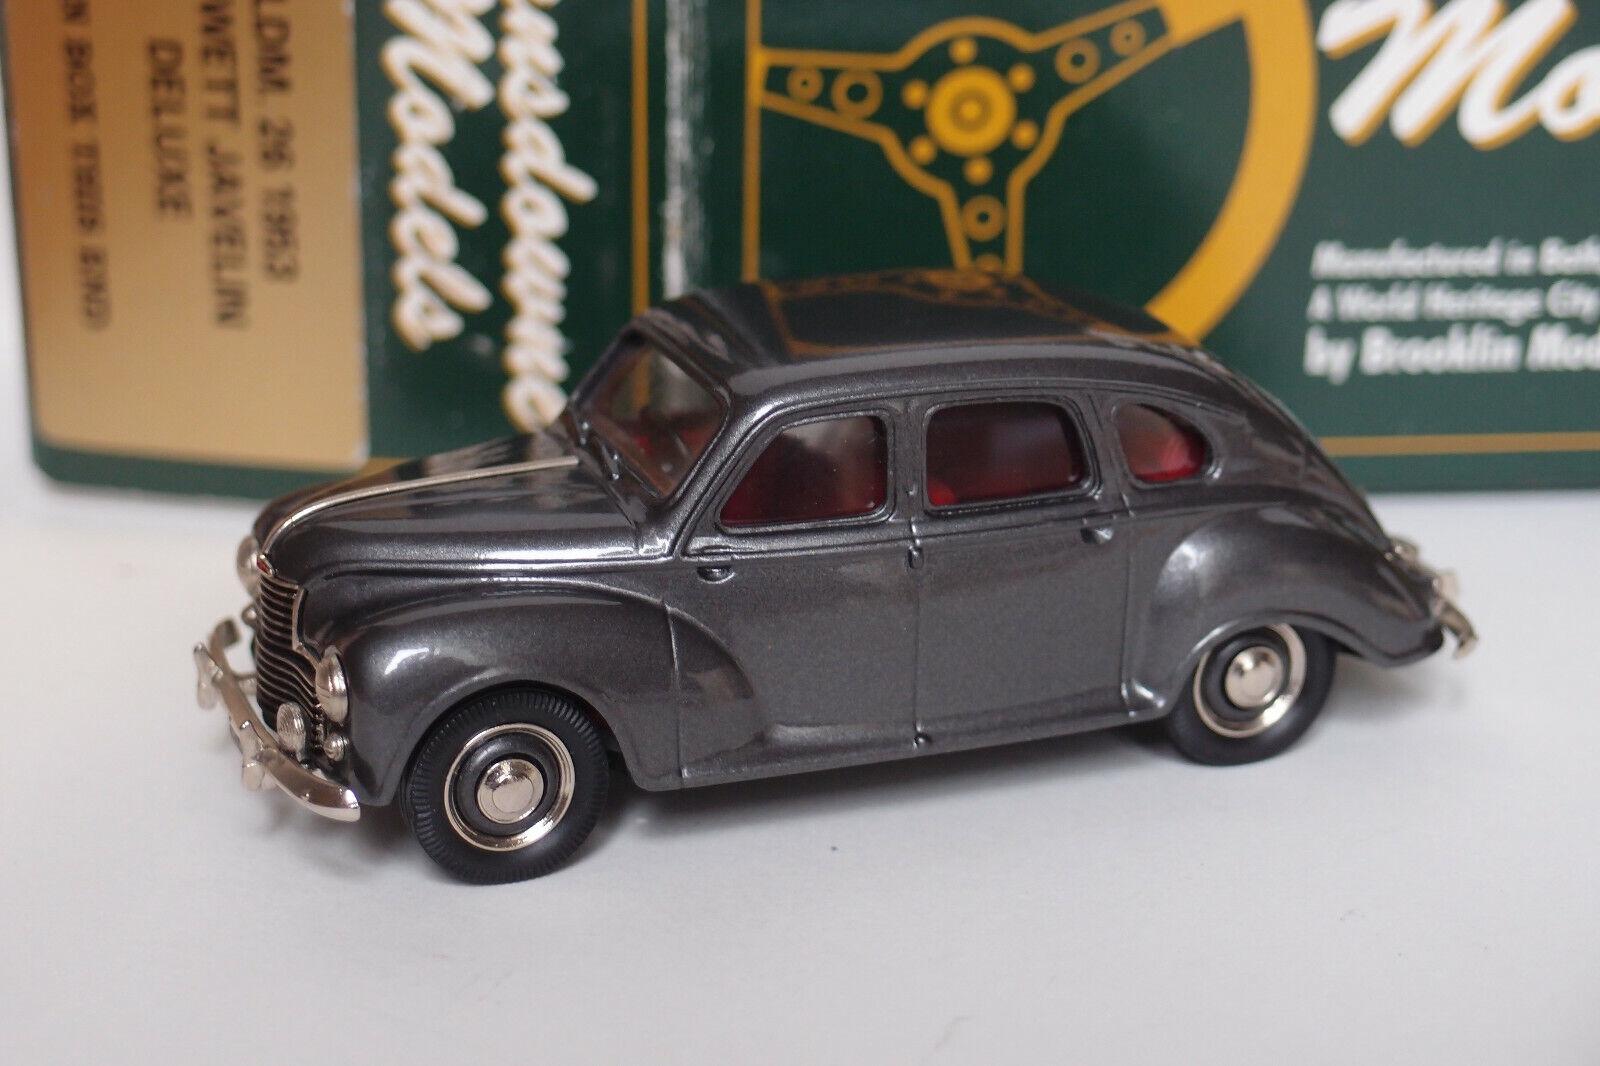 LANSDOWNE MODELS LDM 26 1953 JOWETT JAVELIN DELUXE 1 43